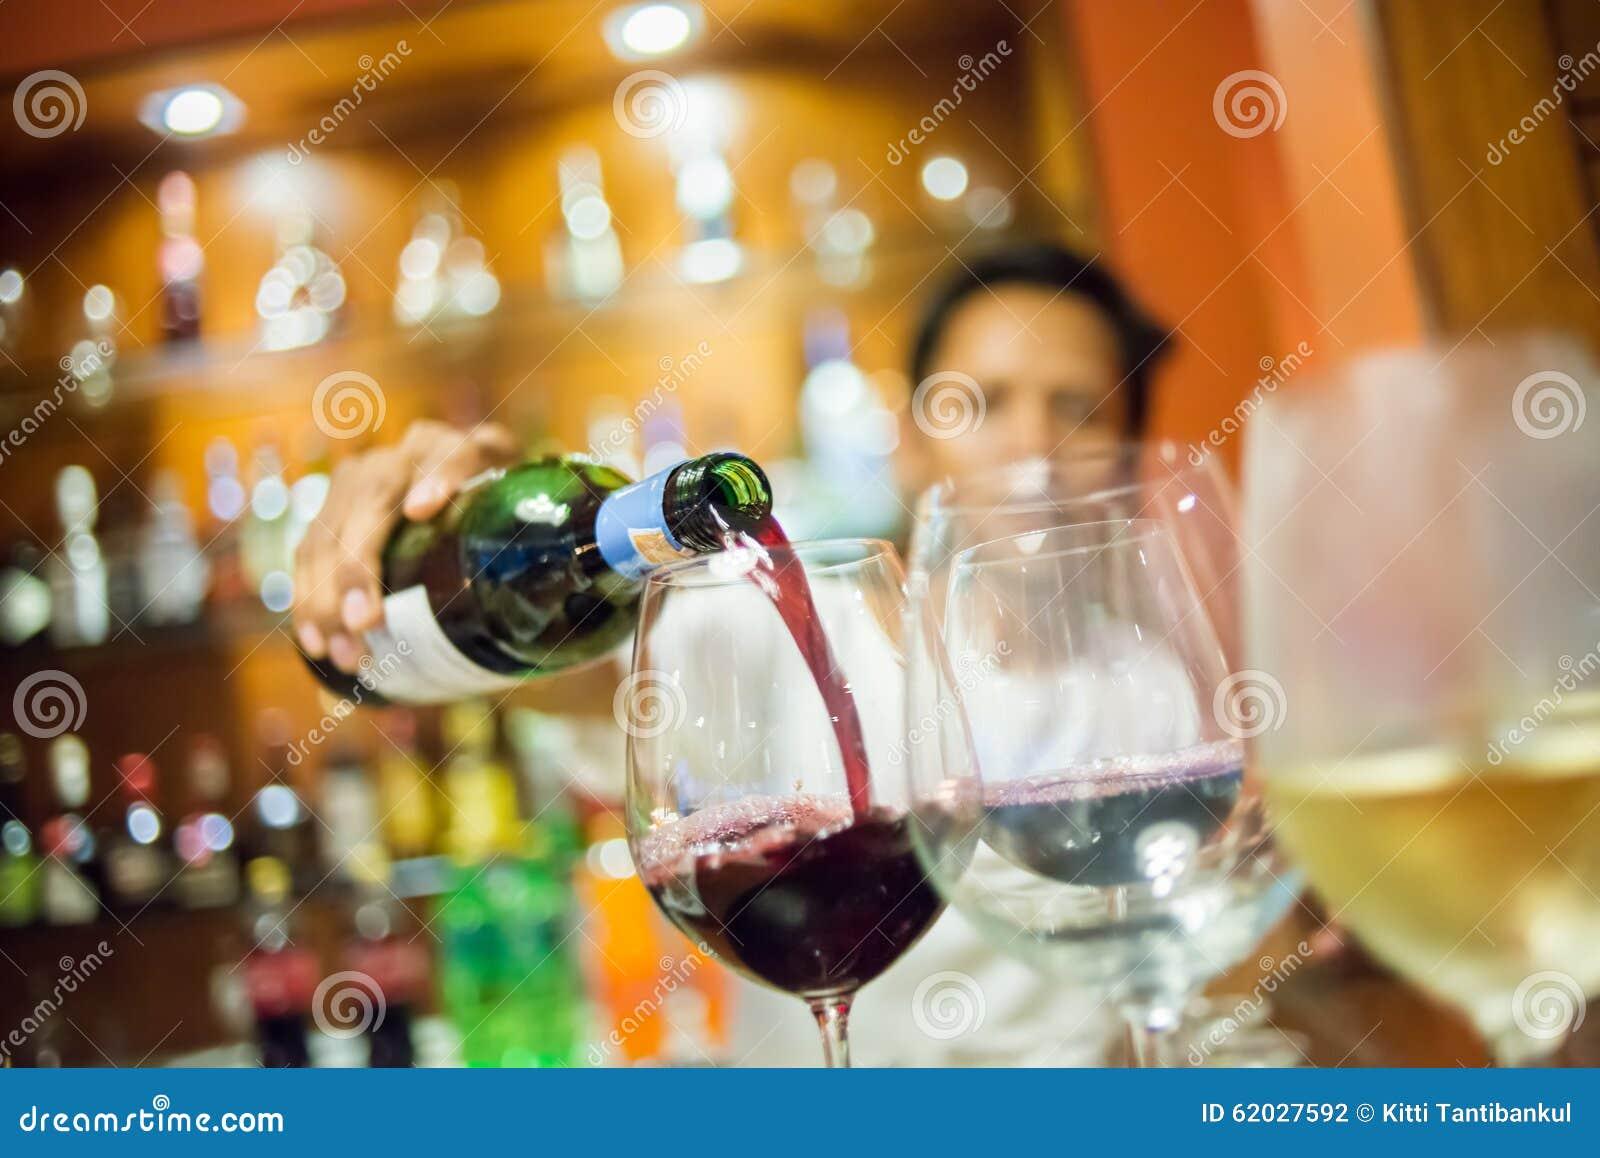 Rozmyty mężczyzna dolewania czerwone wino w szkło z białego wina foregroun